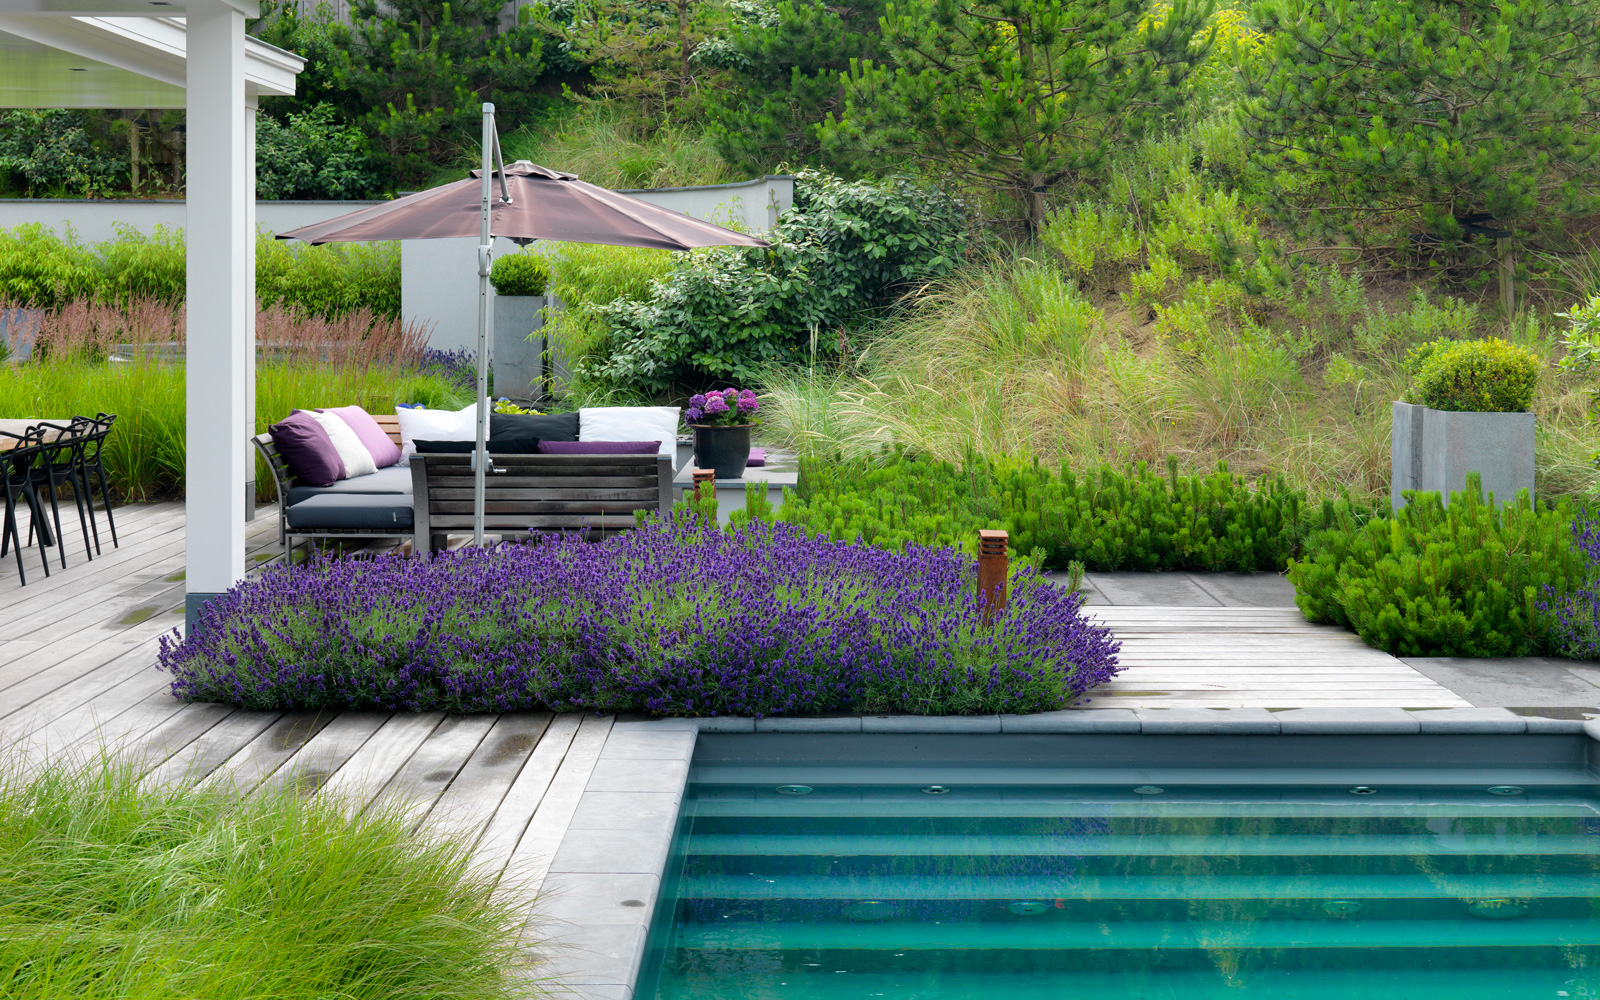 Geerlings Tuinen heeft de tuinarchitectuur gerealiseerd.